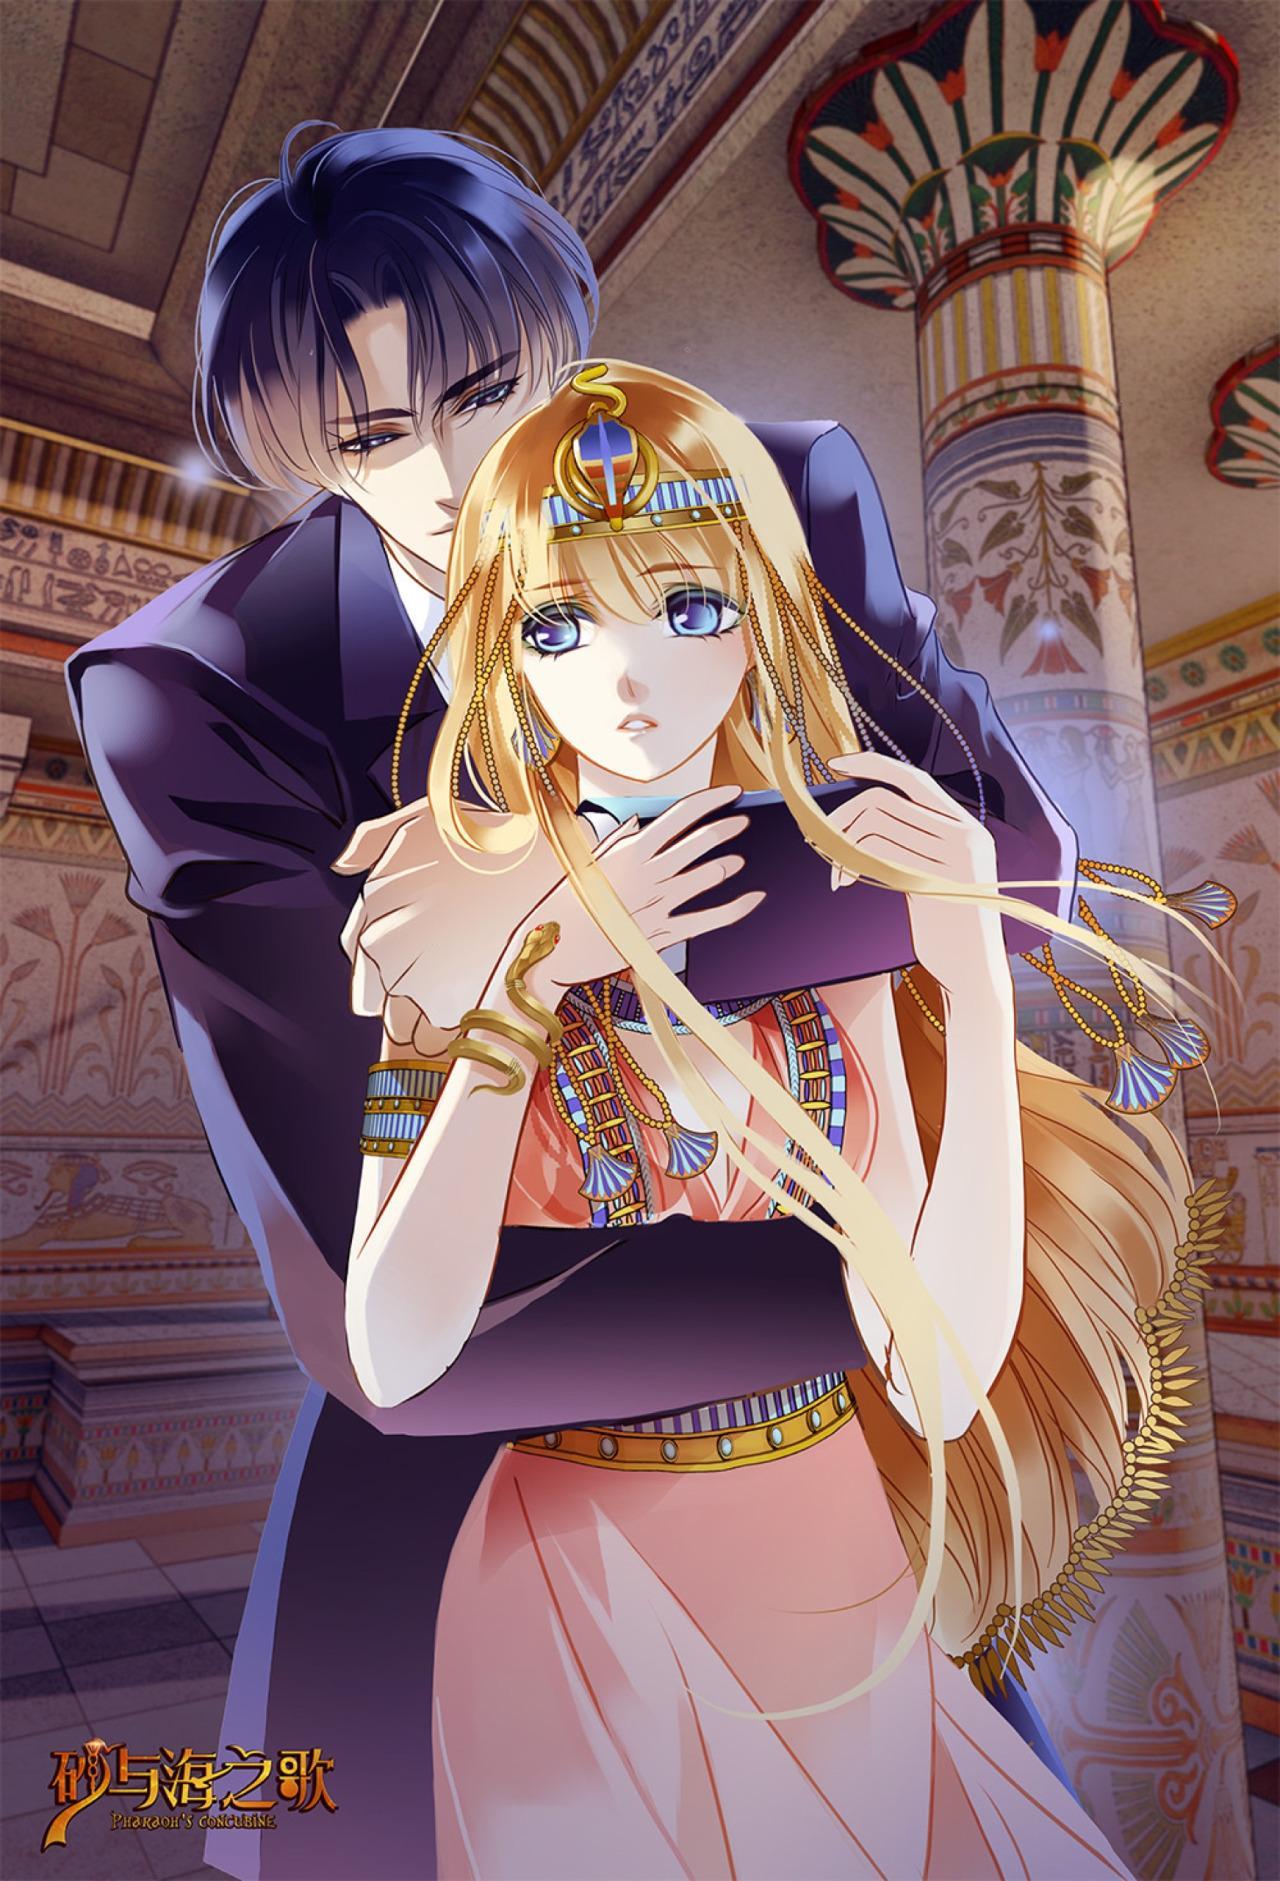 Манга Повесть о Лунной Принцессе Глава 1 читать онлайн на русском